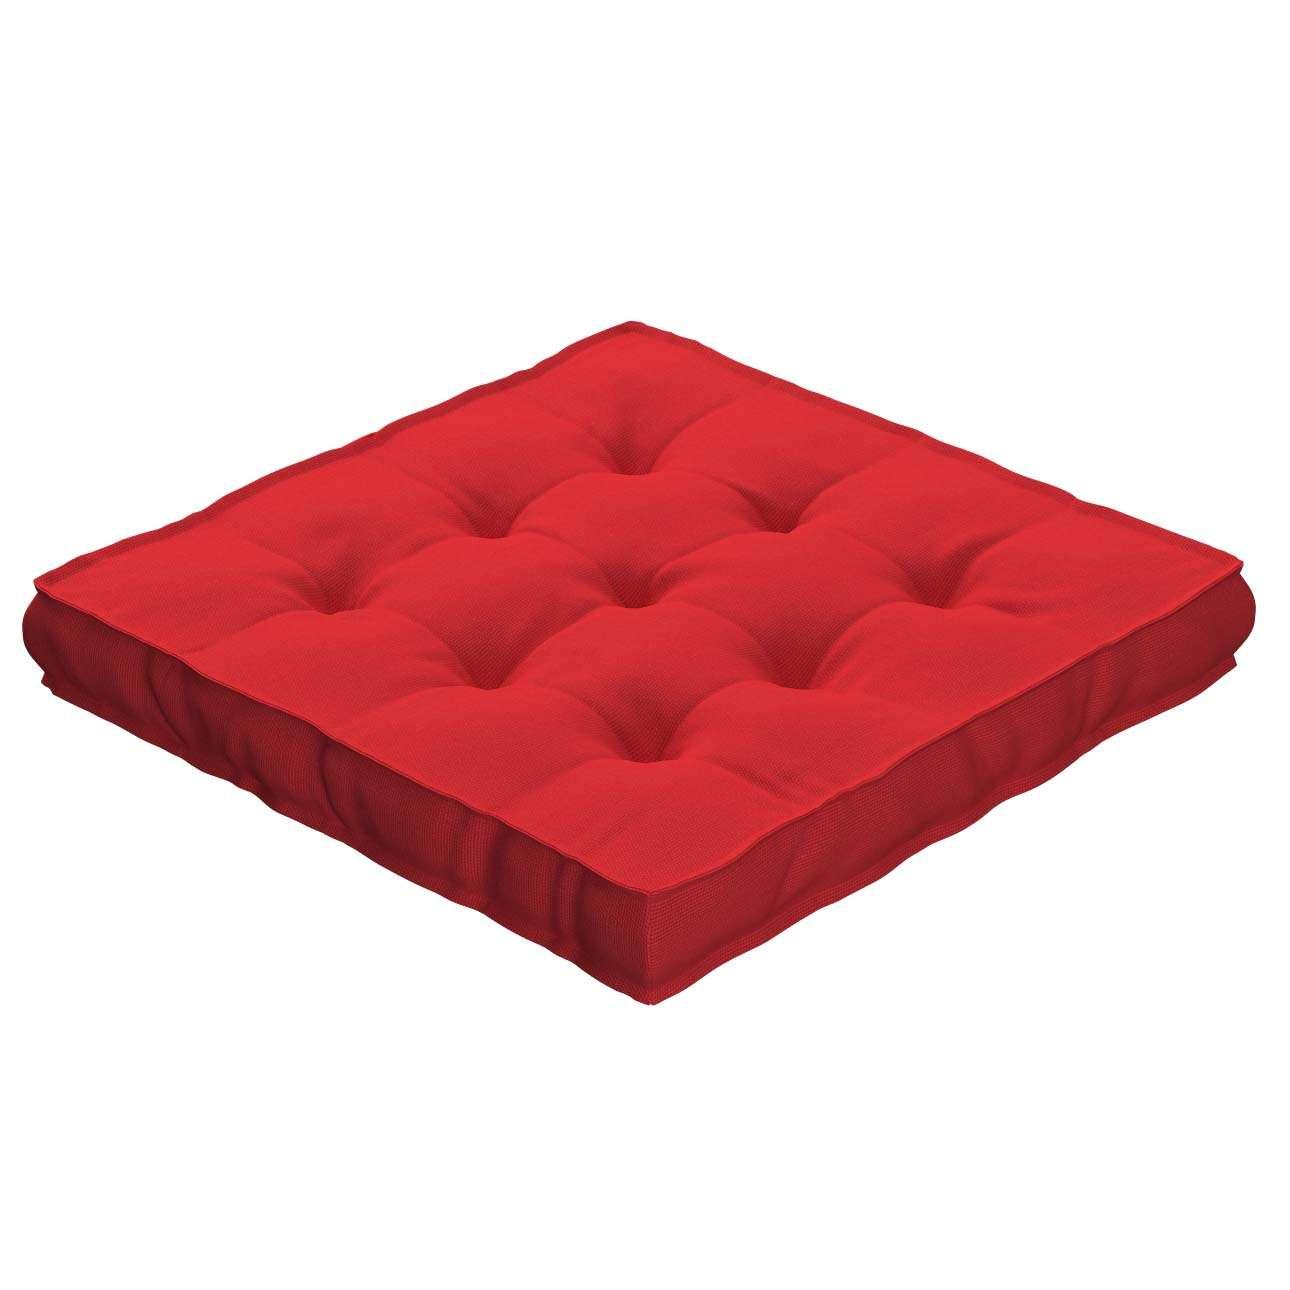 Pagalvėlė Kuba kėdei/ant grindų 40 x 40 x 6 cm kolekcijoje Loneta , audinys: 133-43